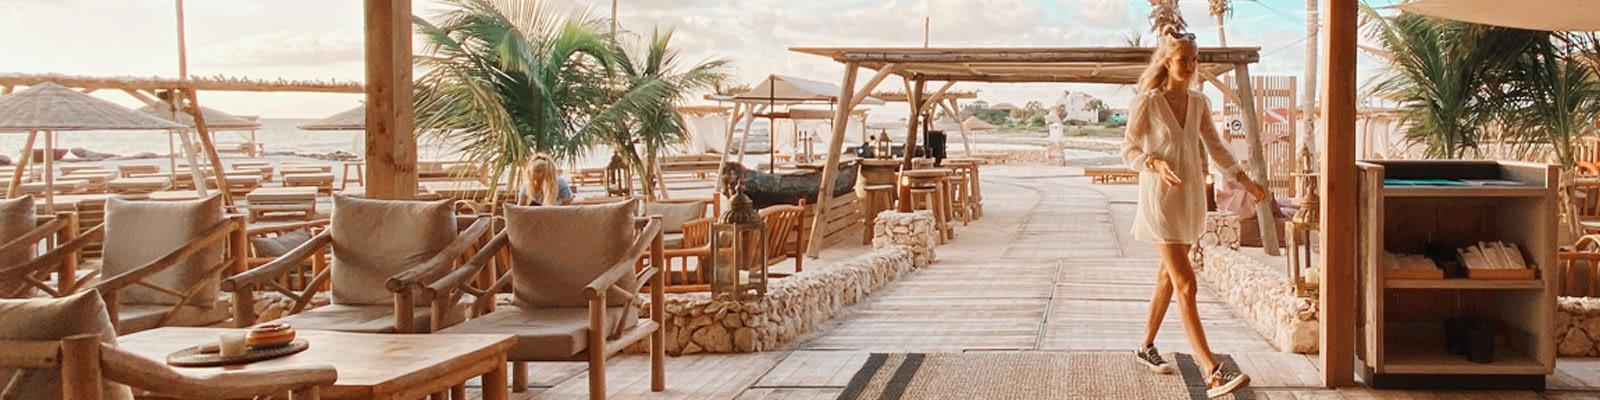 ocean-oasis-restaurant-bonaire-slider-4